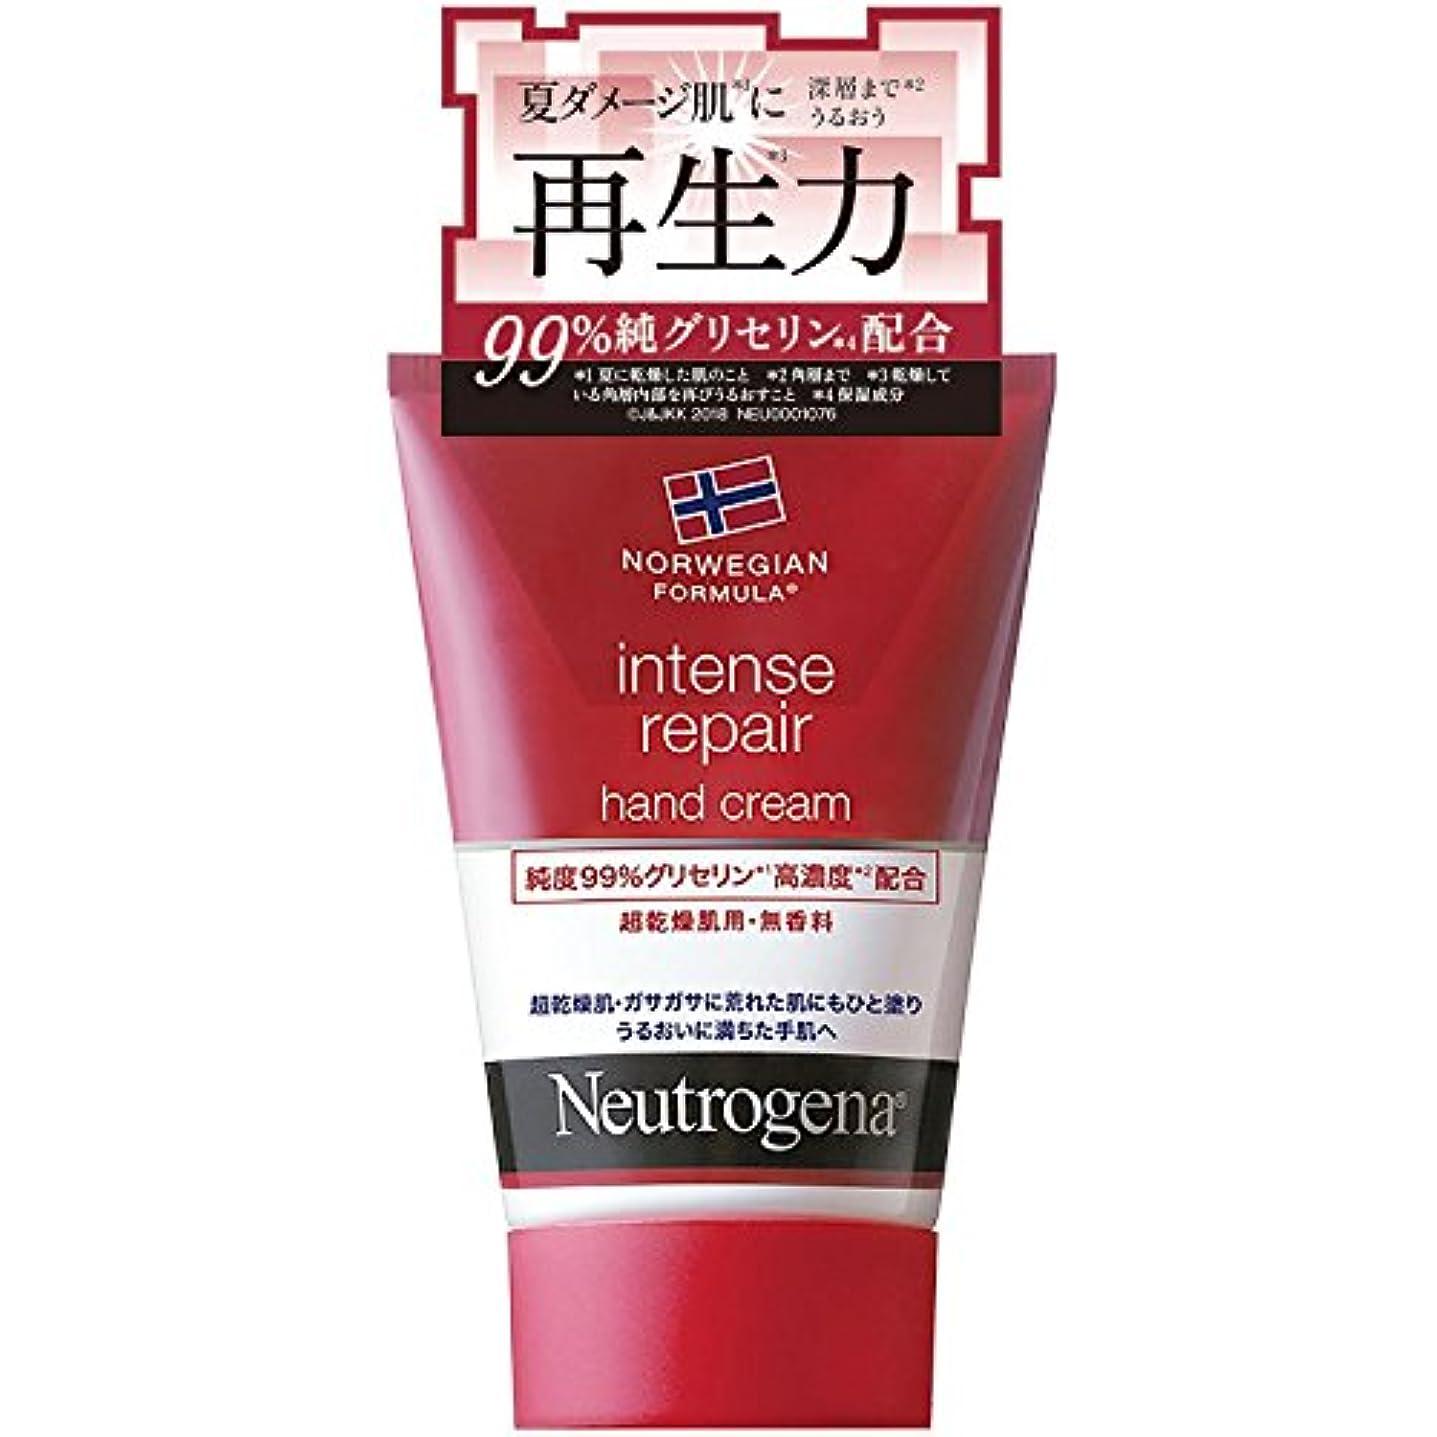 社会科ケーブルカーシンポジウムNeutrogena(ニュートロジーナ) ノルウェーフォーミュラ インテンスリペア ハンドクリーム 超乾燥肌用 無香料 50g